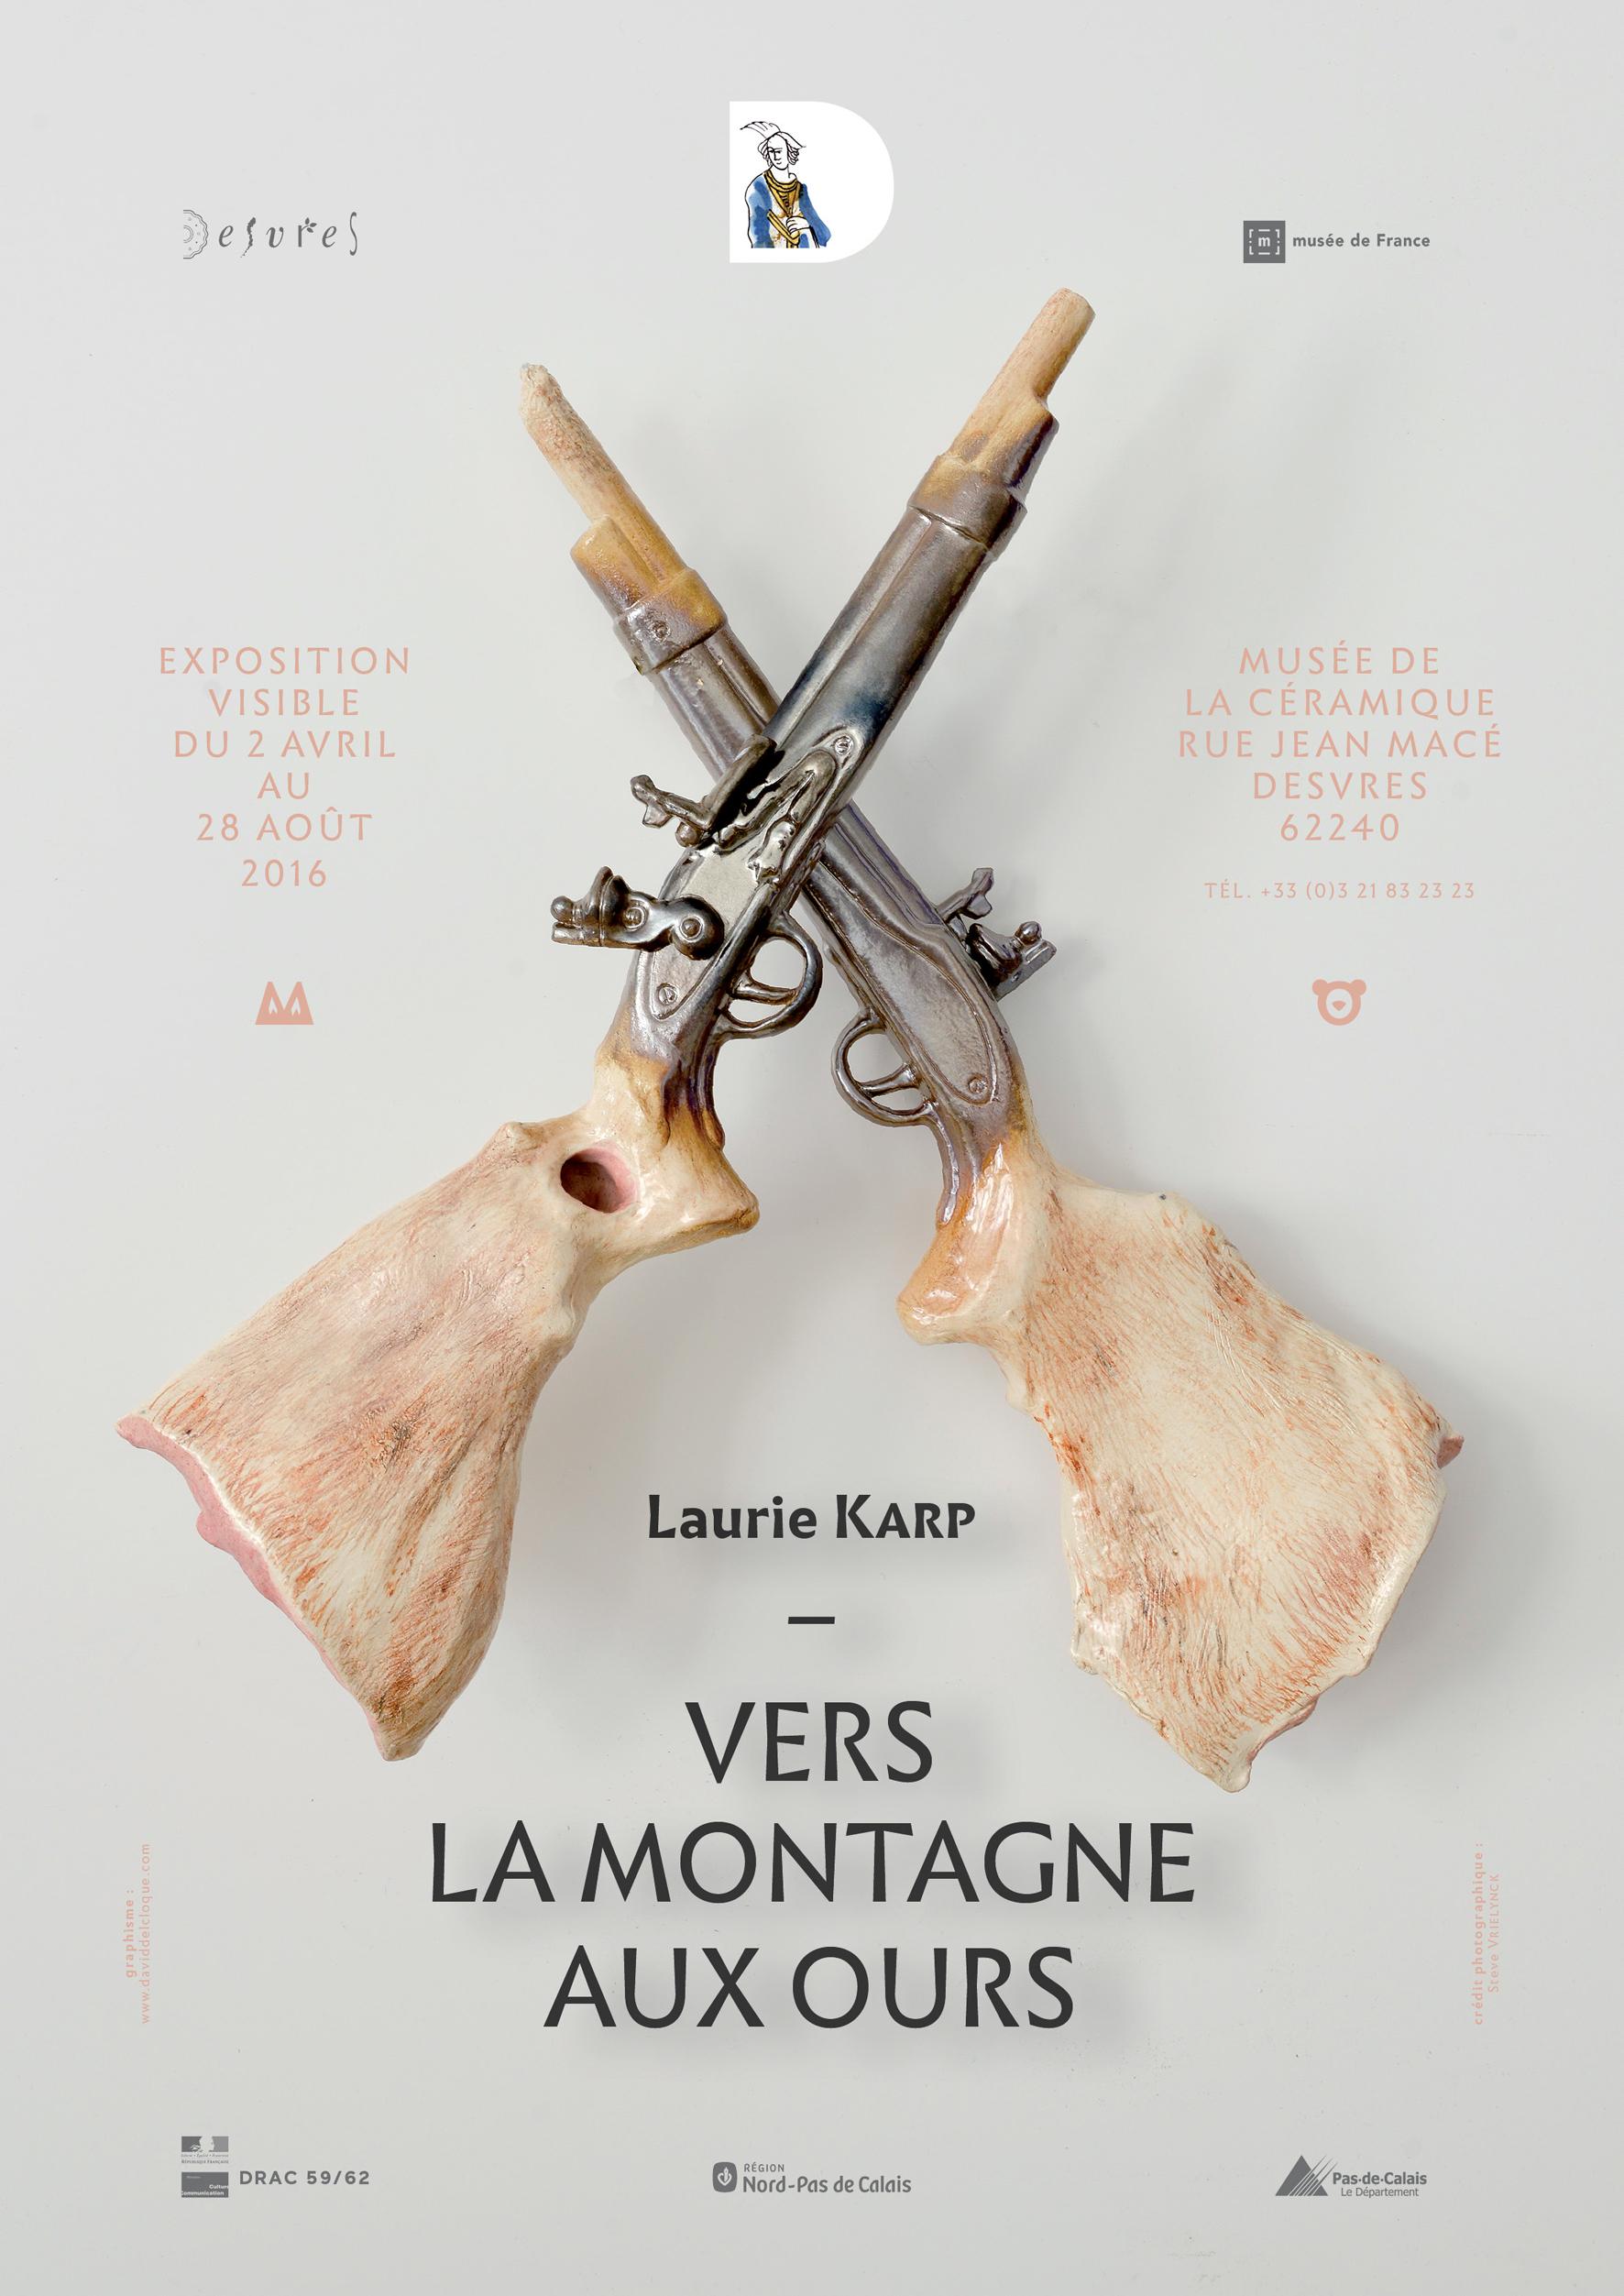 Laurie Karp, Vers la Montagne aux Ours